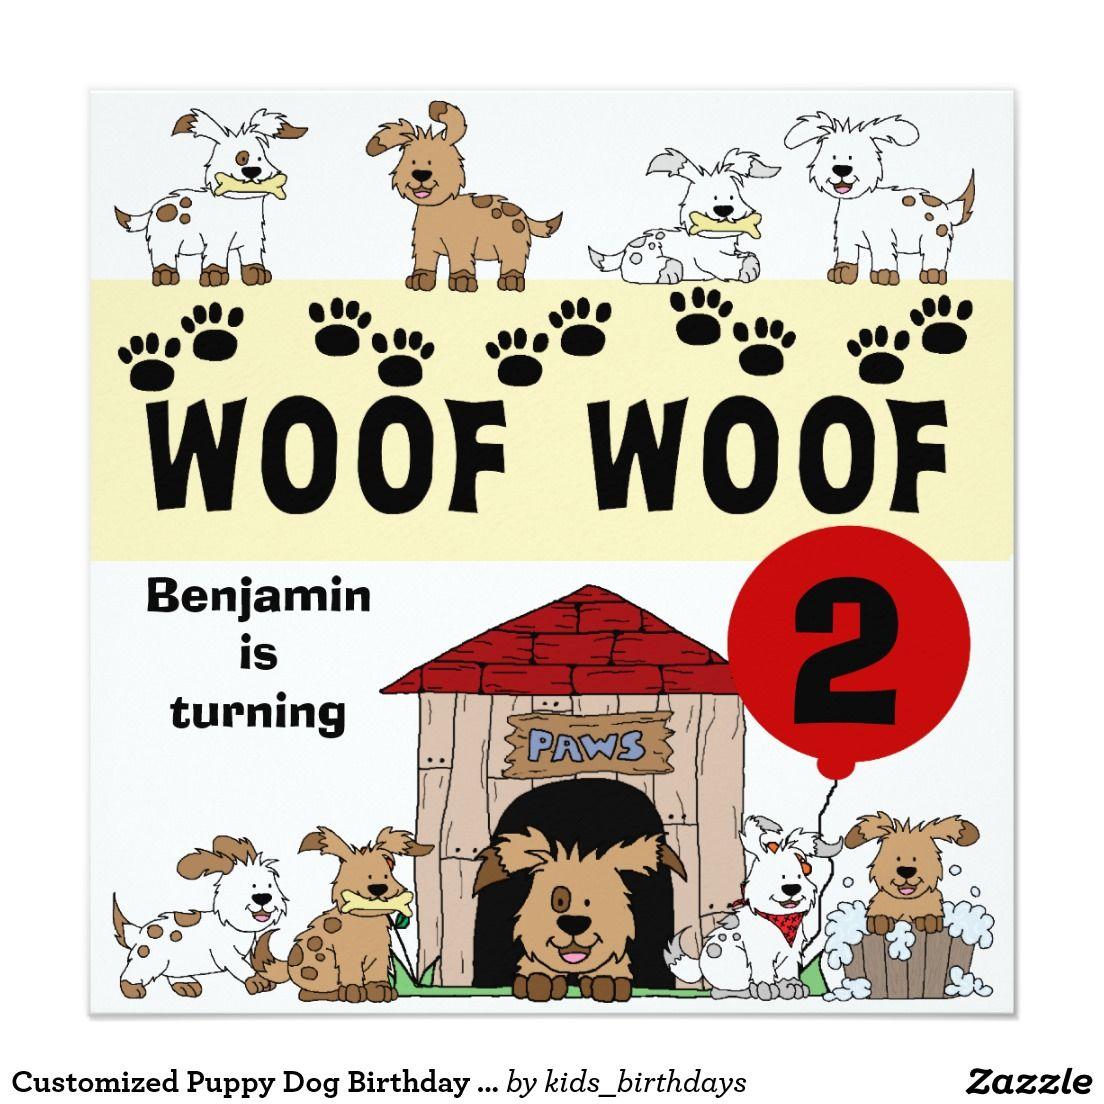 Customized Puppy Dog Birthday Invitations | Dog birthday, Birthdays ...